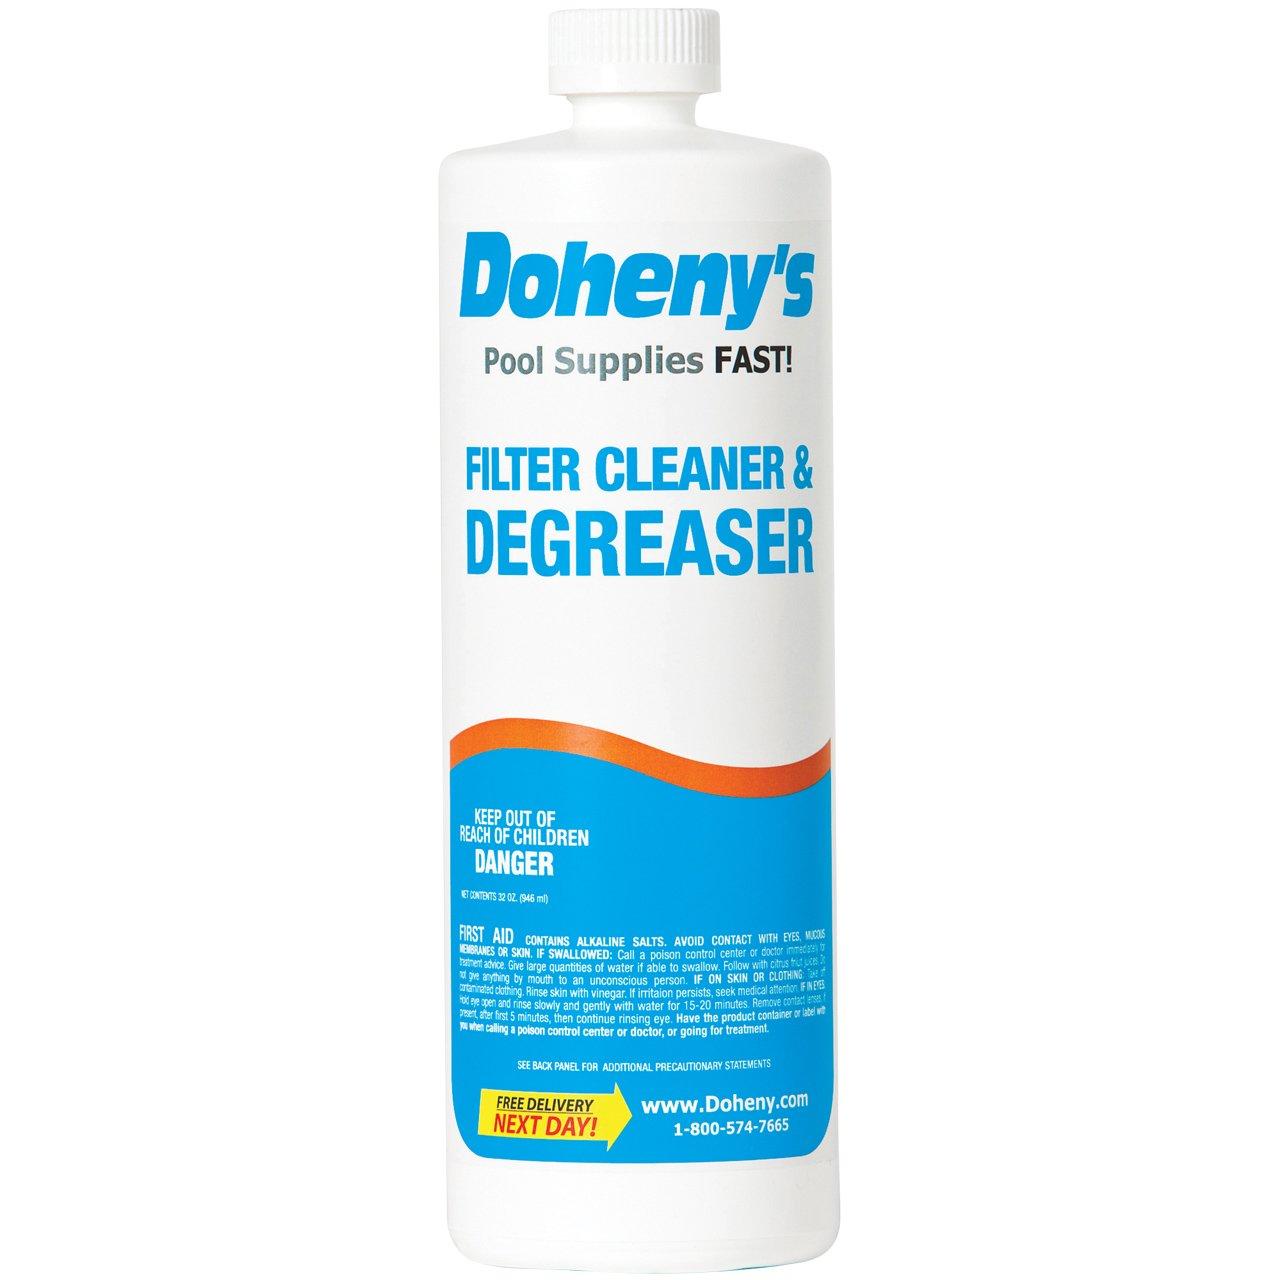 Doheny's Filter Cleaner & Degreaser - 1 Quart Bottle